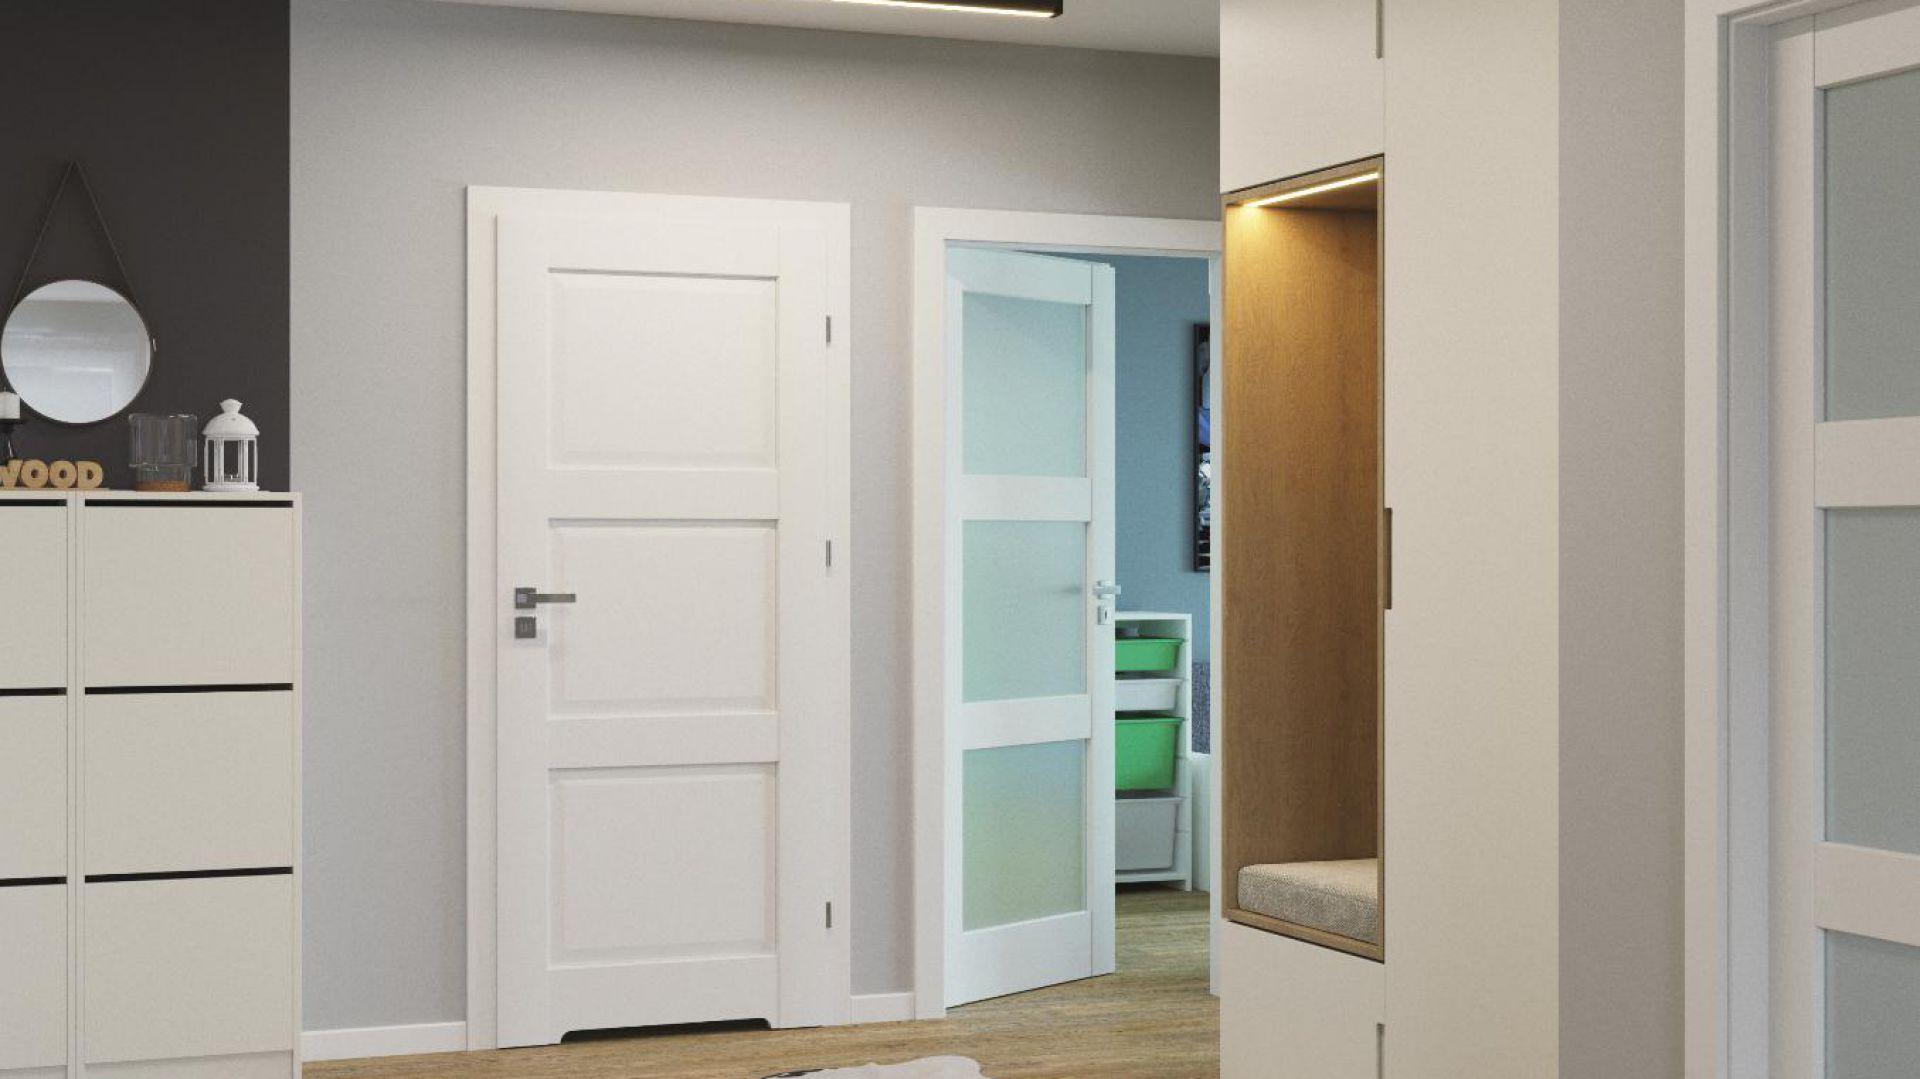 Proste rozwiązania nie przestają zachwycać swoim pięknem i uniwersalnością, dlatego też kolekcja Porta Balance została wzbogacona o 4 nowe modele drzwi. Fot. Porta